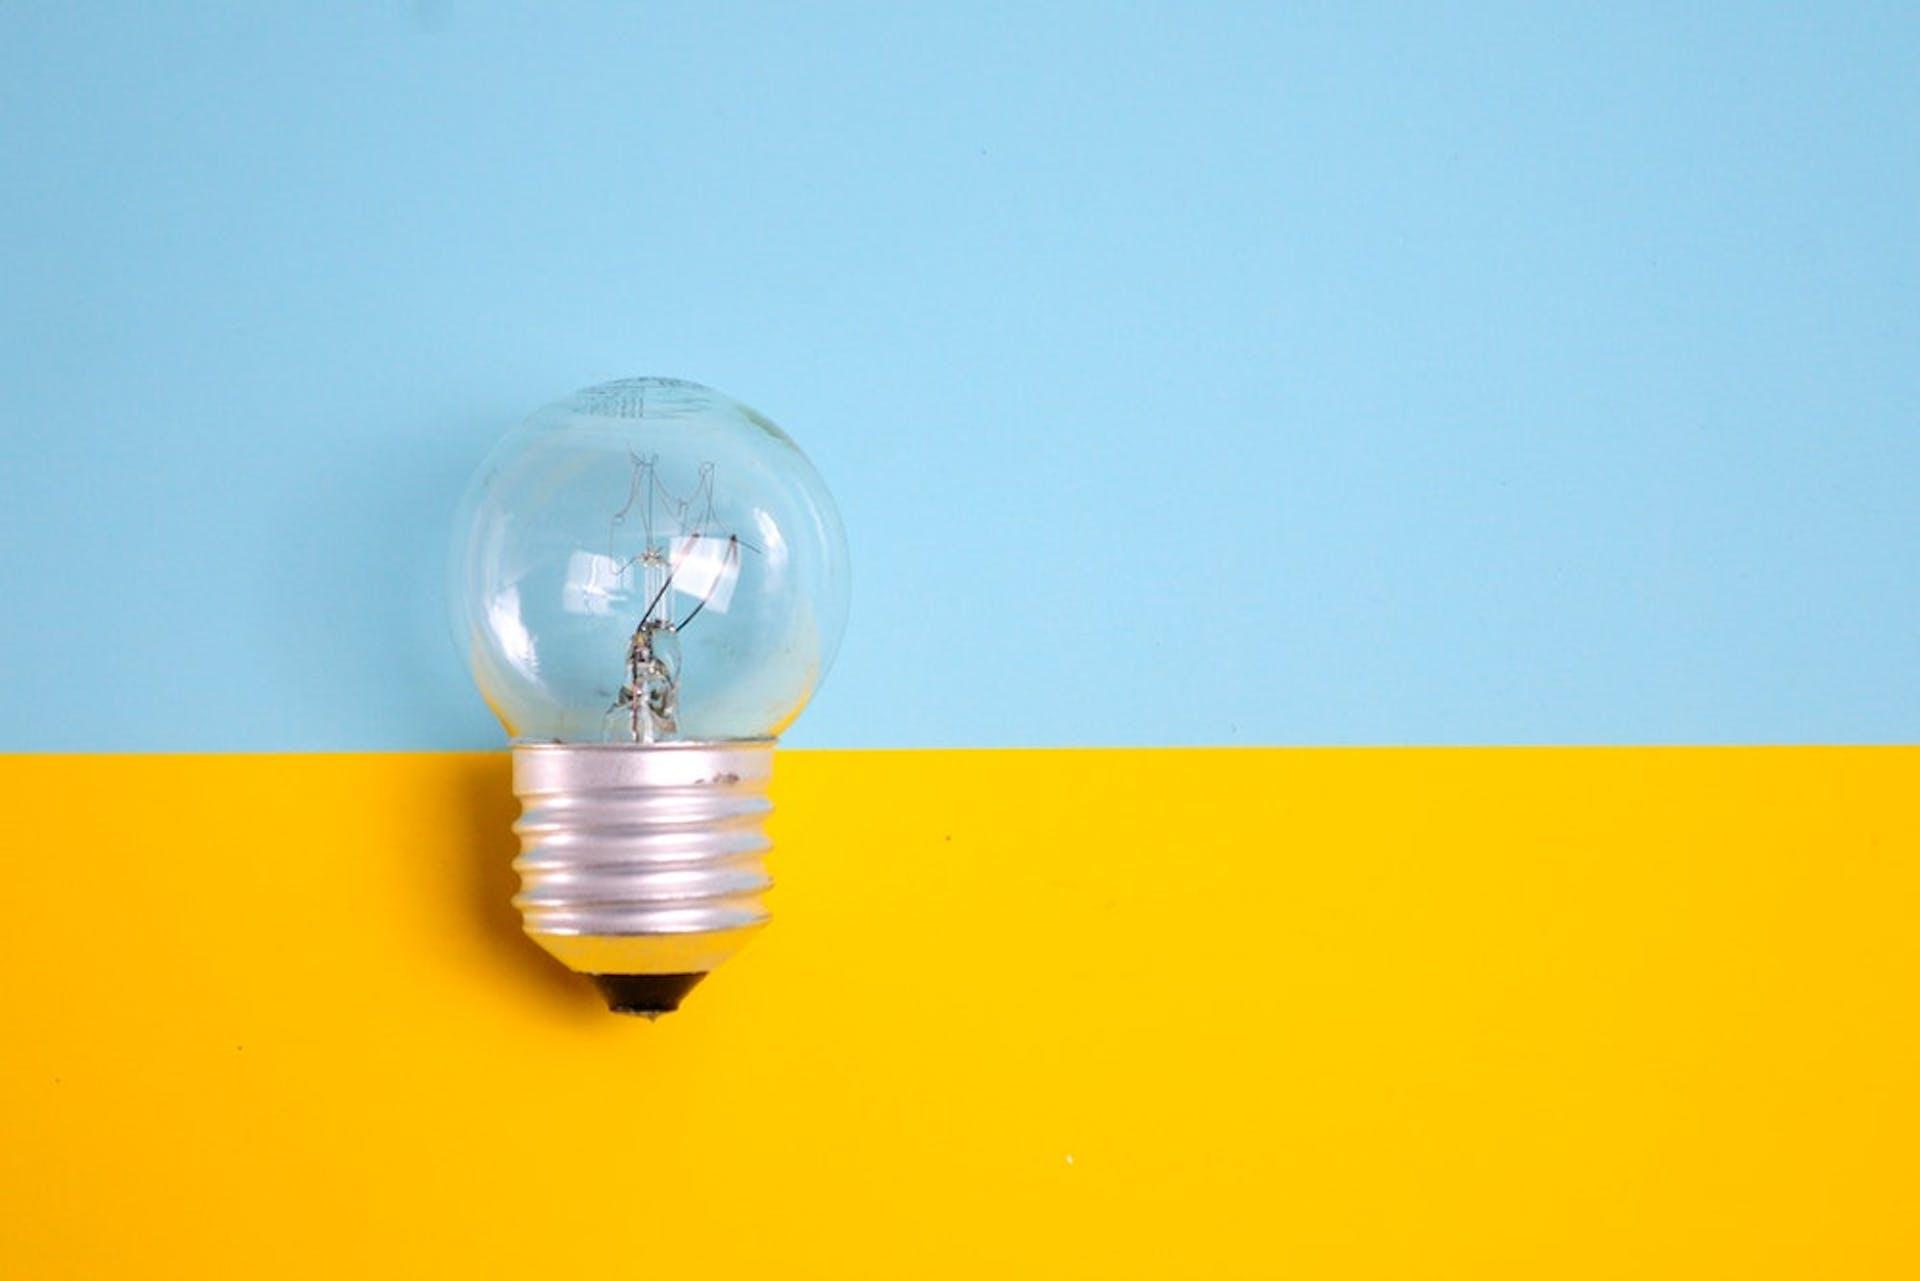 Estos son los mejores materiales conductores de la electricidad: ¡ten cuidado con ellos!